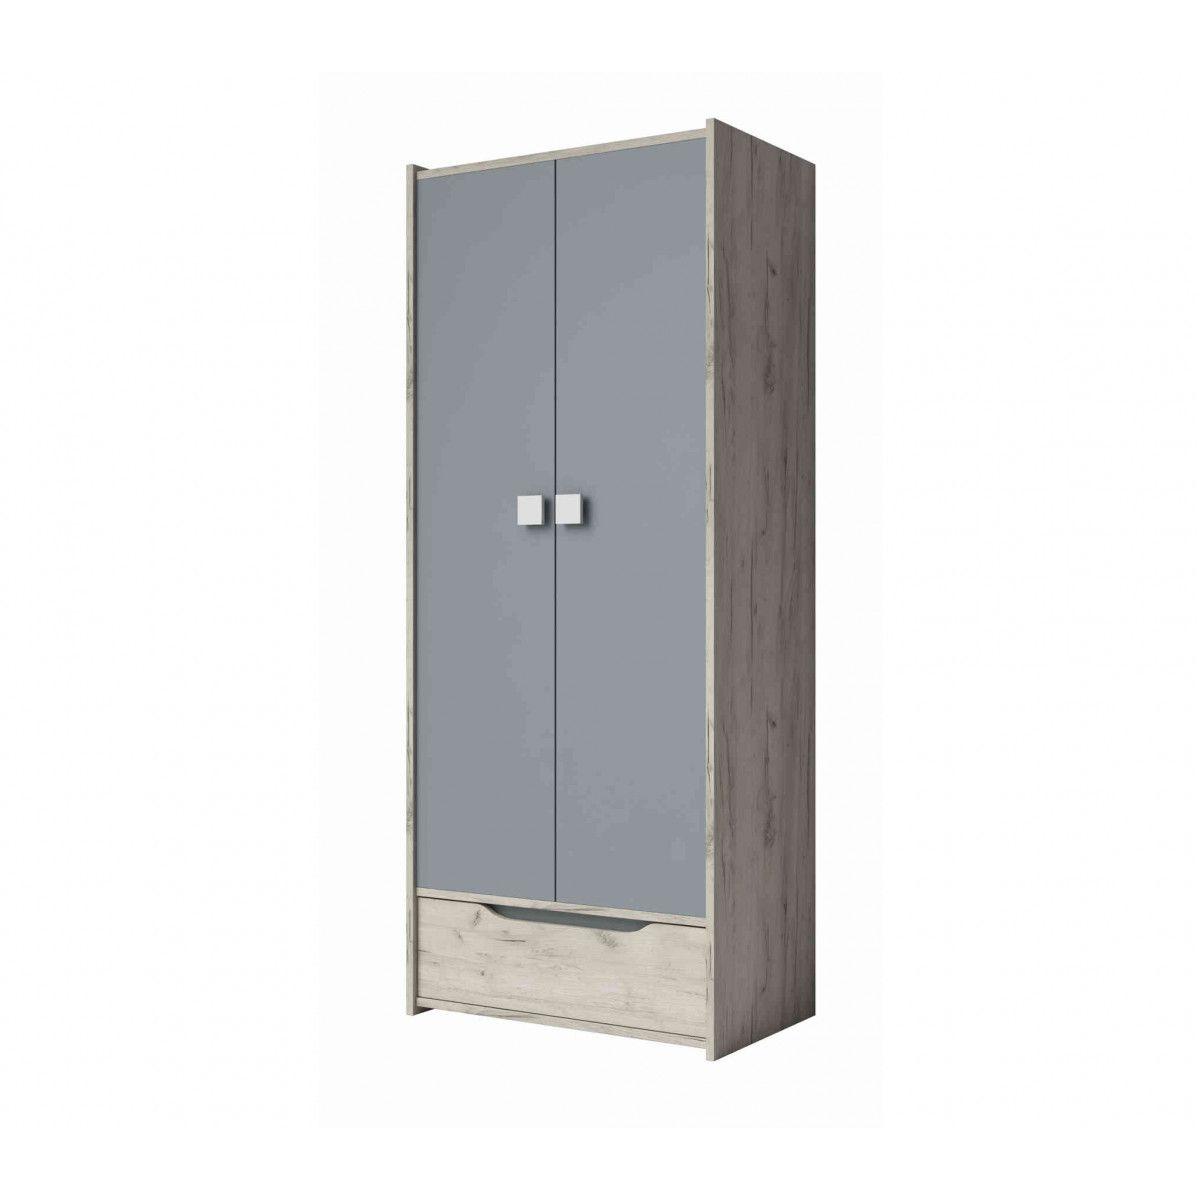 Armoire enfant 2 portes  1 tiroir en bois imitation frêne et gris - AR4025